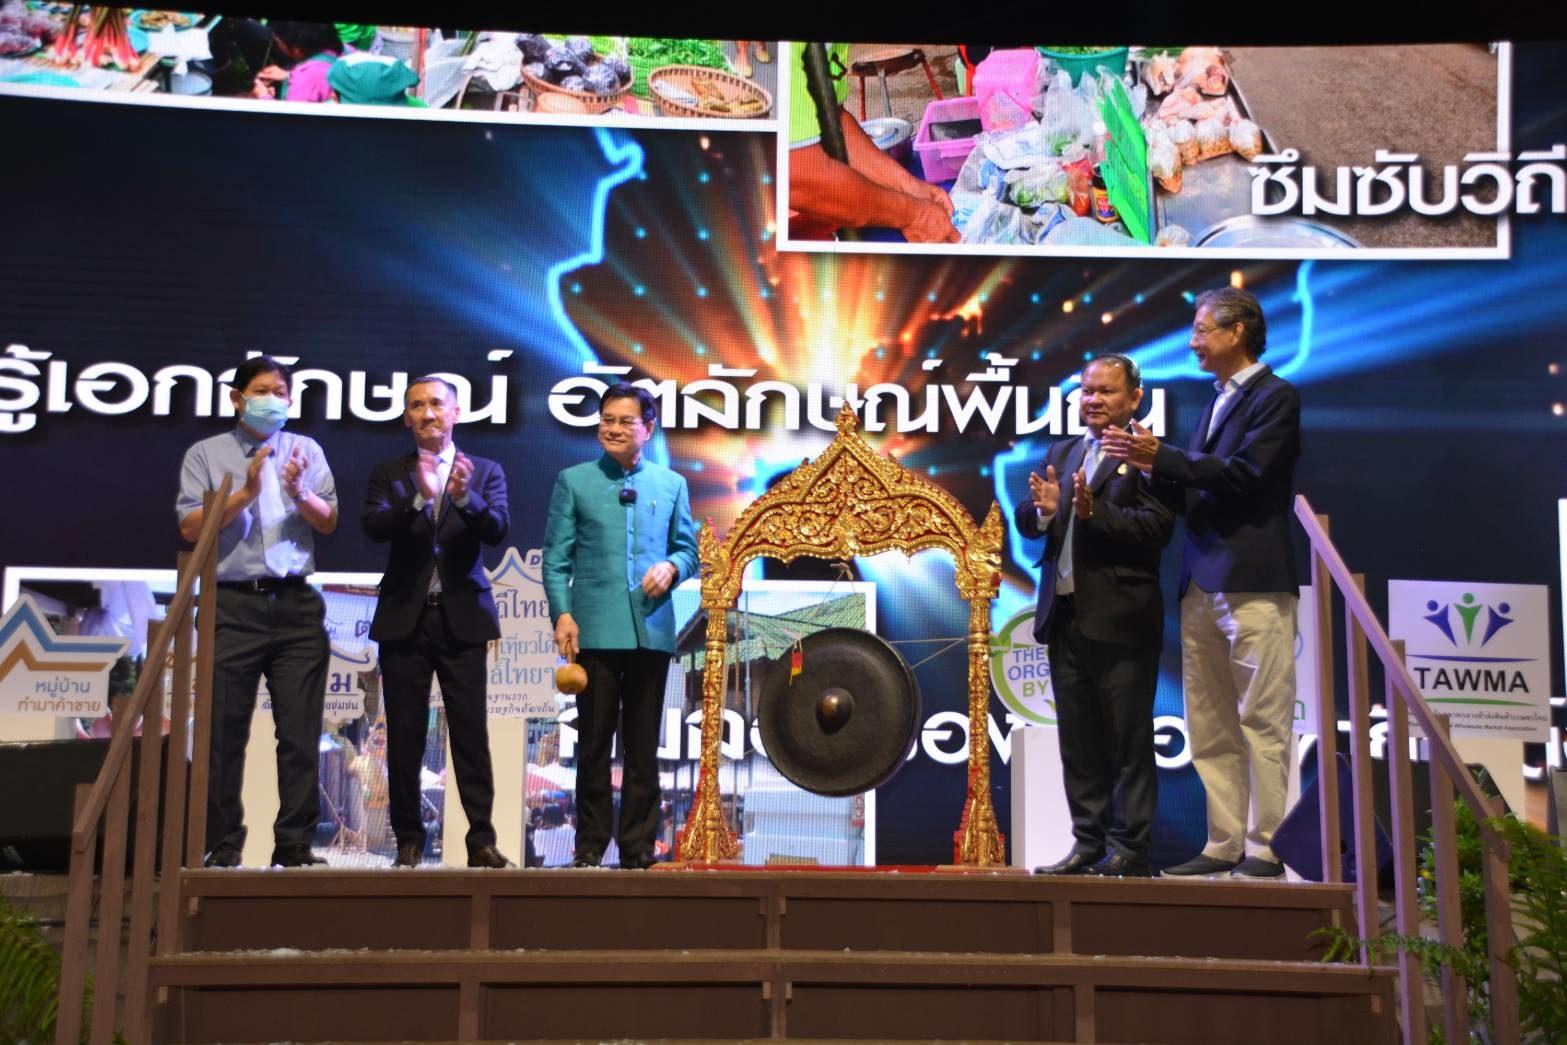 เที่ยวตลาดทั่วไทย! จุรินทร์ ชู ฟื้นเศรษฐกิจฐานรากรวมตลาดทุกภูมิภาค ที่เมืองทองธานี 13-16ส.ค.